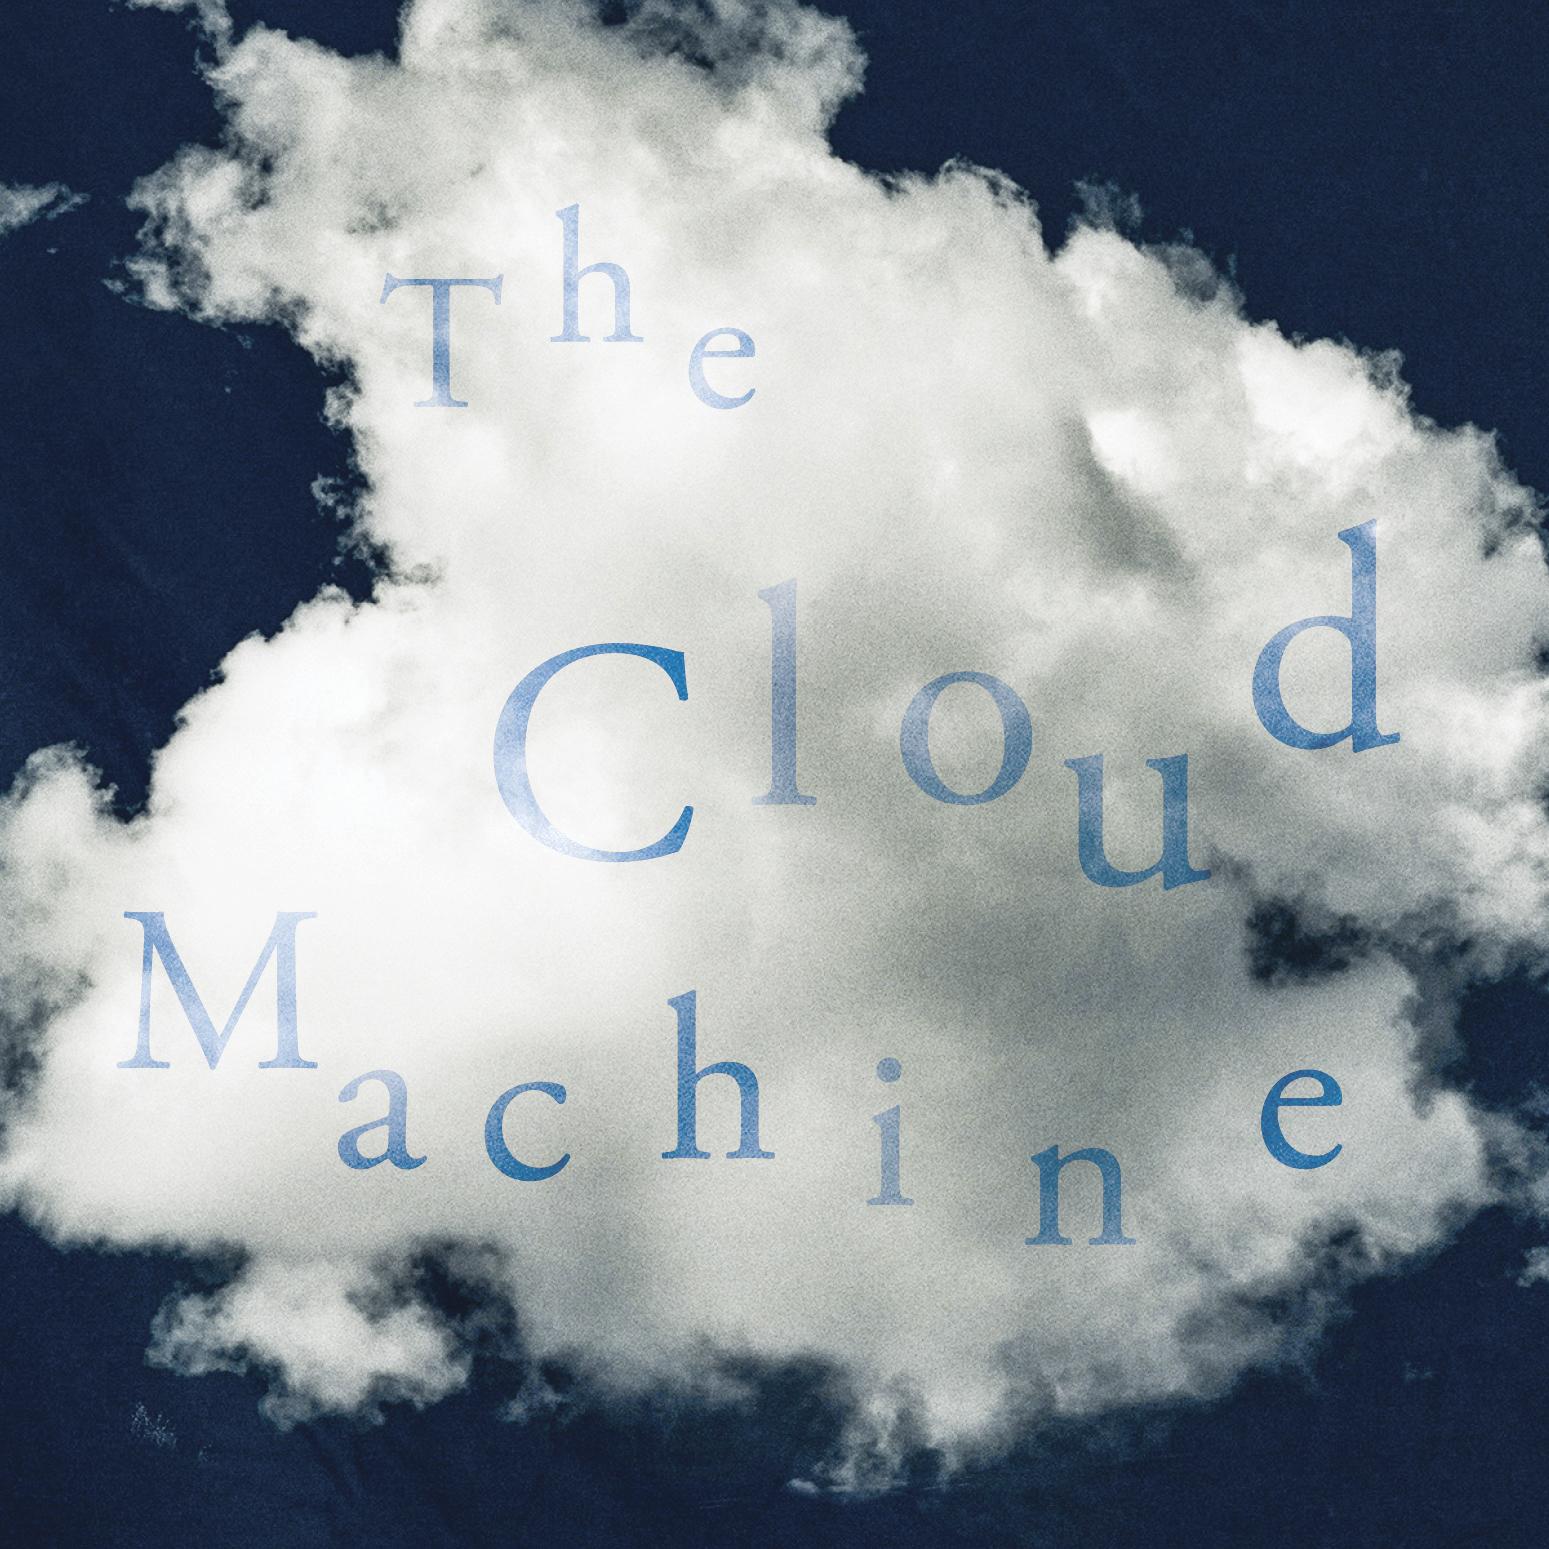 CloudMachine_crop2.jpg